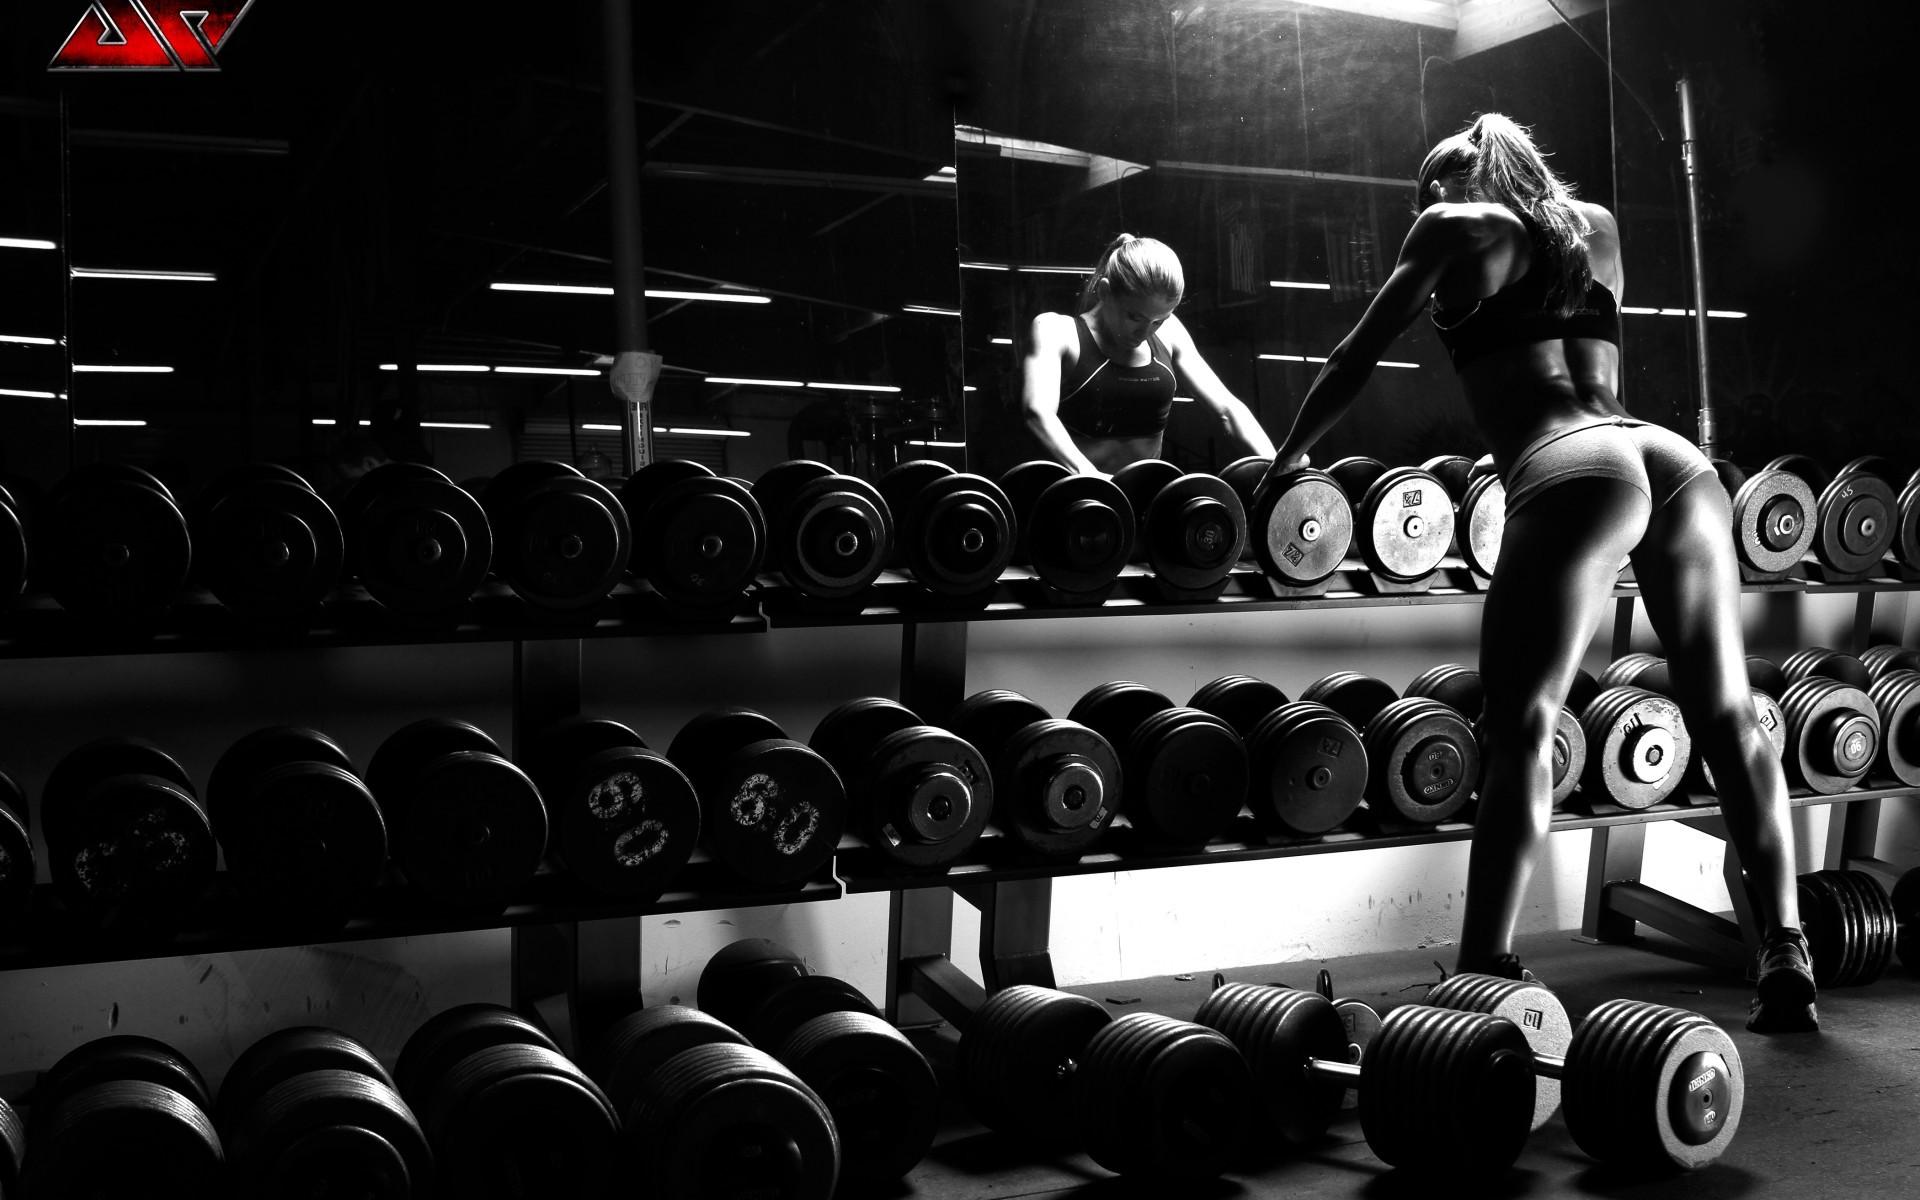 Ảnh gym trắng đen đẹp